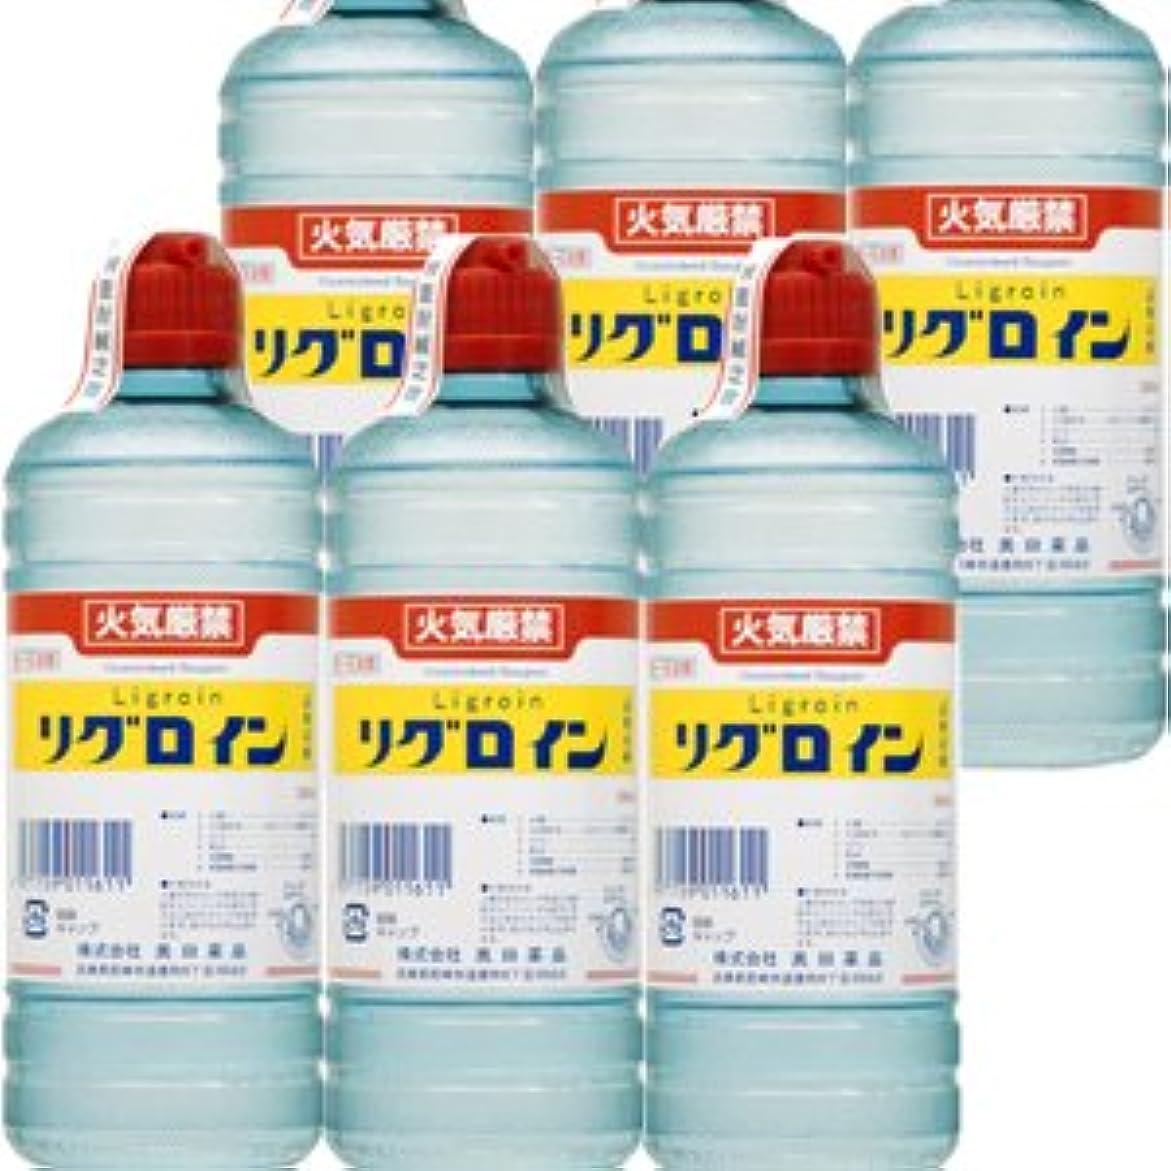 リズム作る救い【6個】 オクダ化学工業 リグロイン 500mlx6